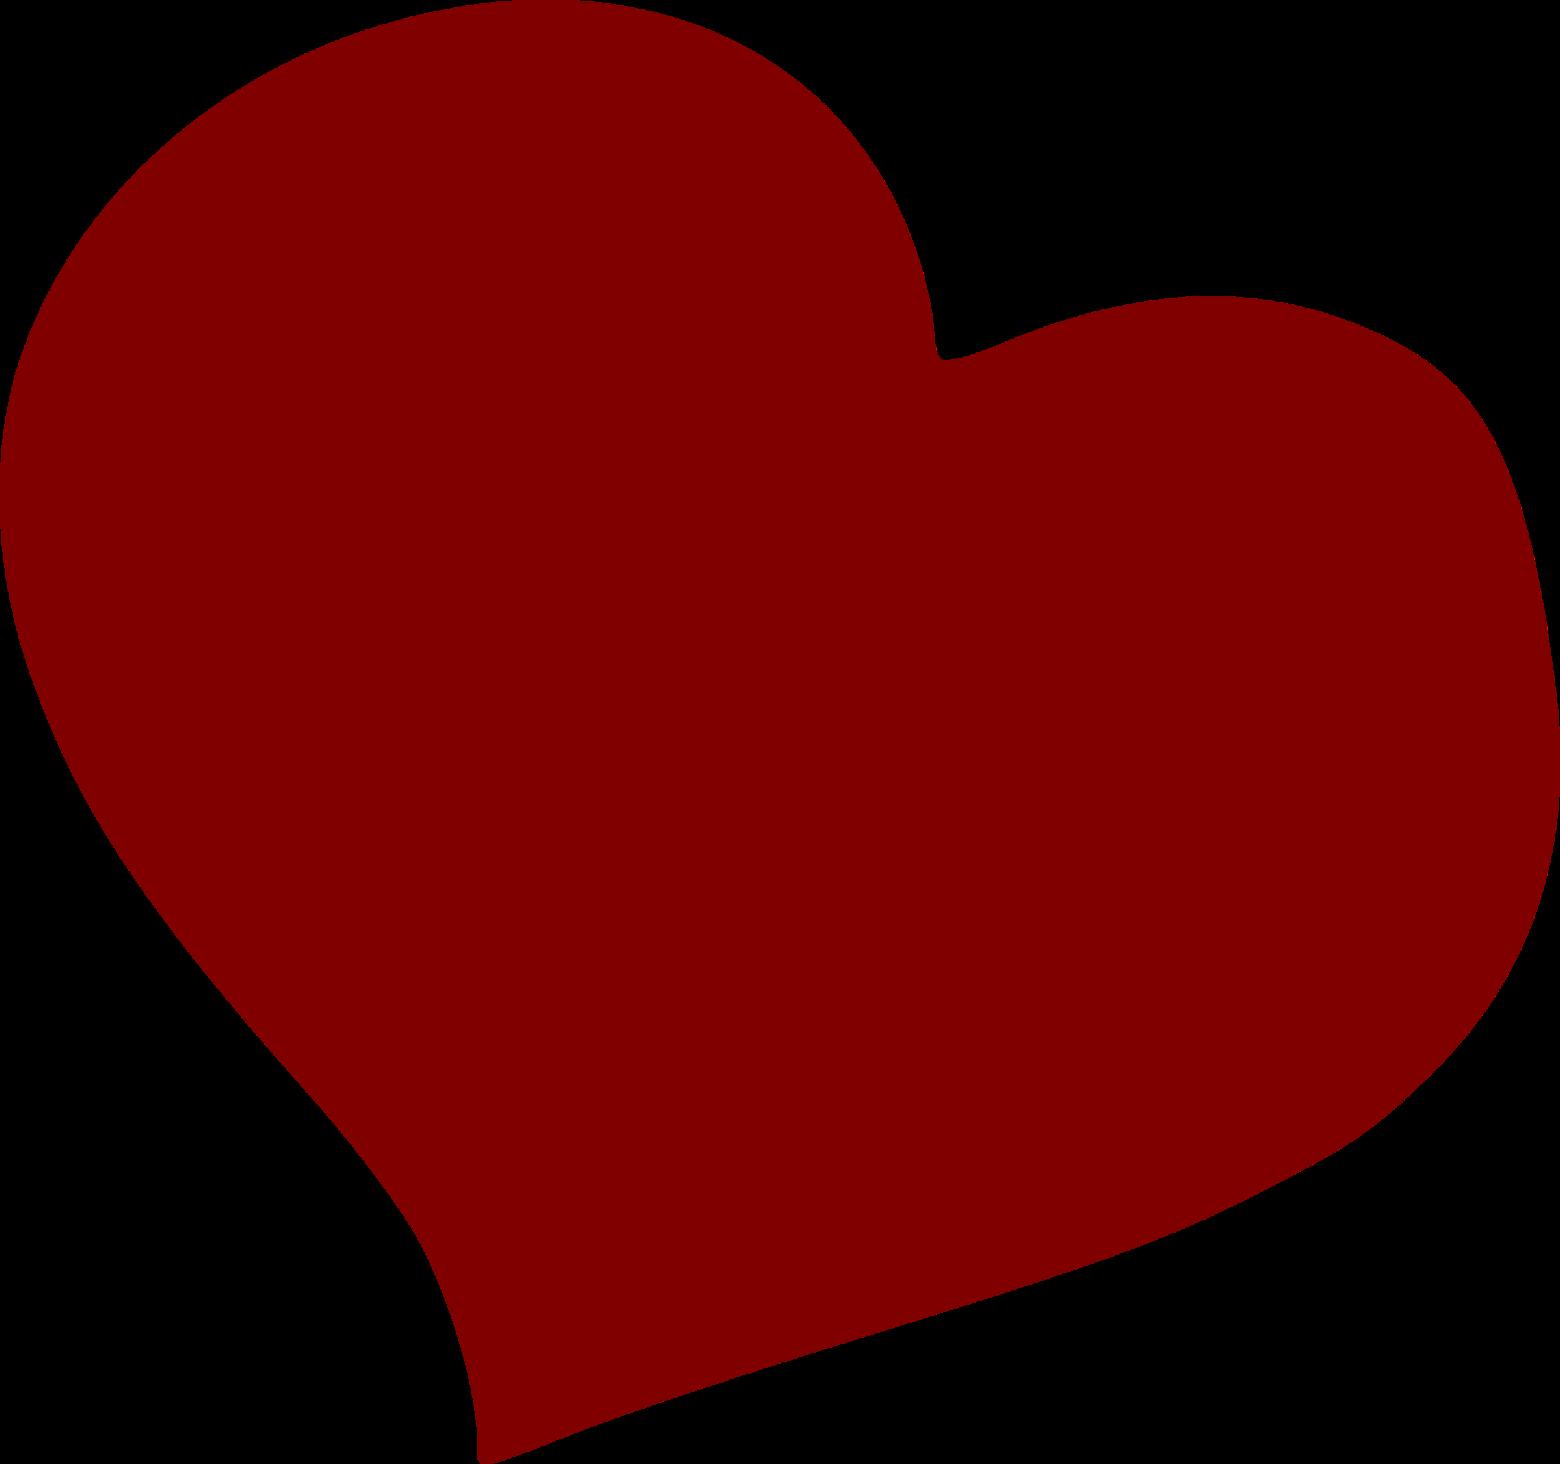 Clipart coeur love amour images gratuites images - Images coeur gratuites ...